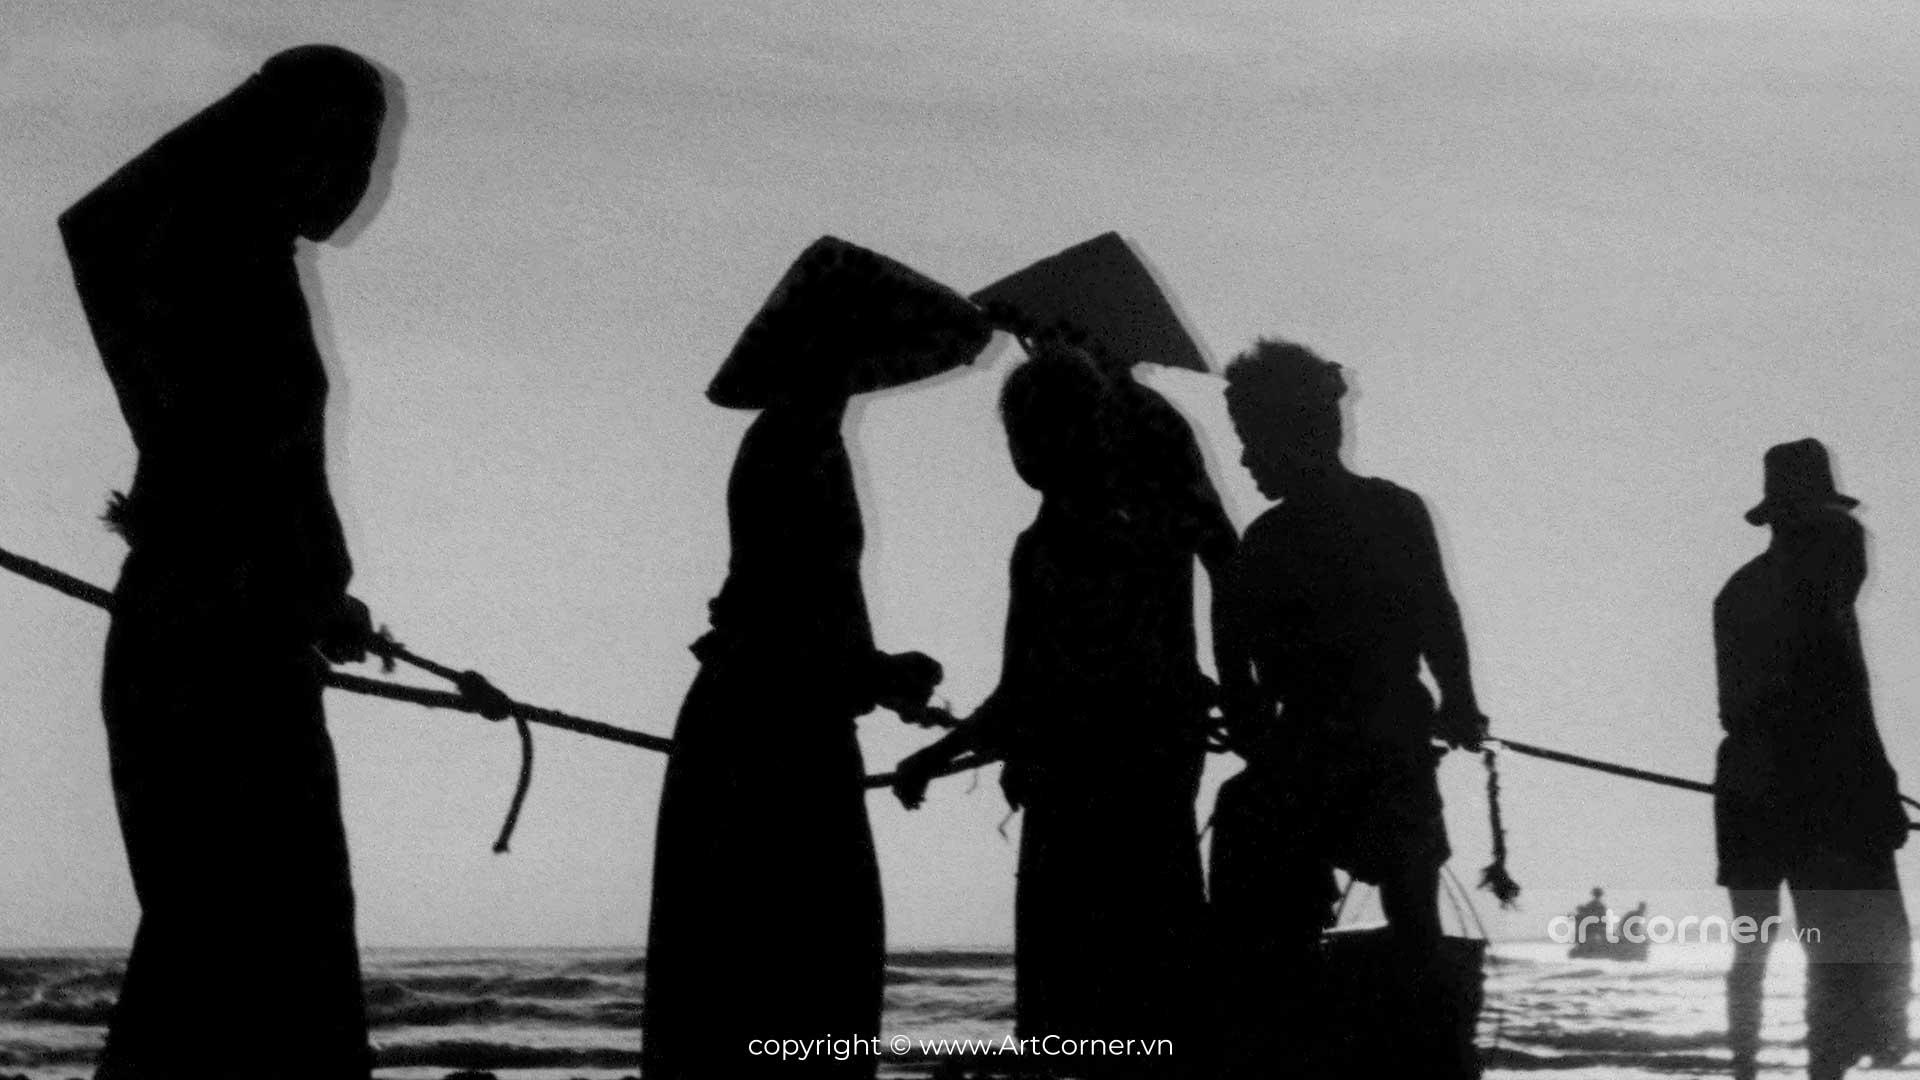 Nha Trang xưa - Kéo lưới trên biển Nha Trang - 1959